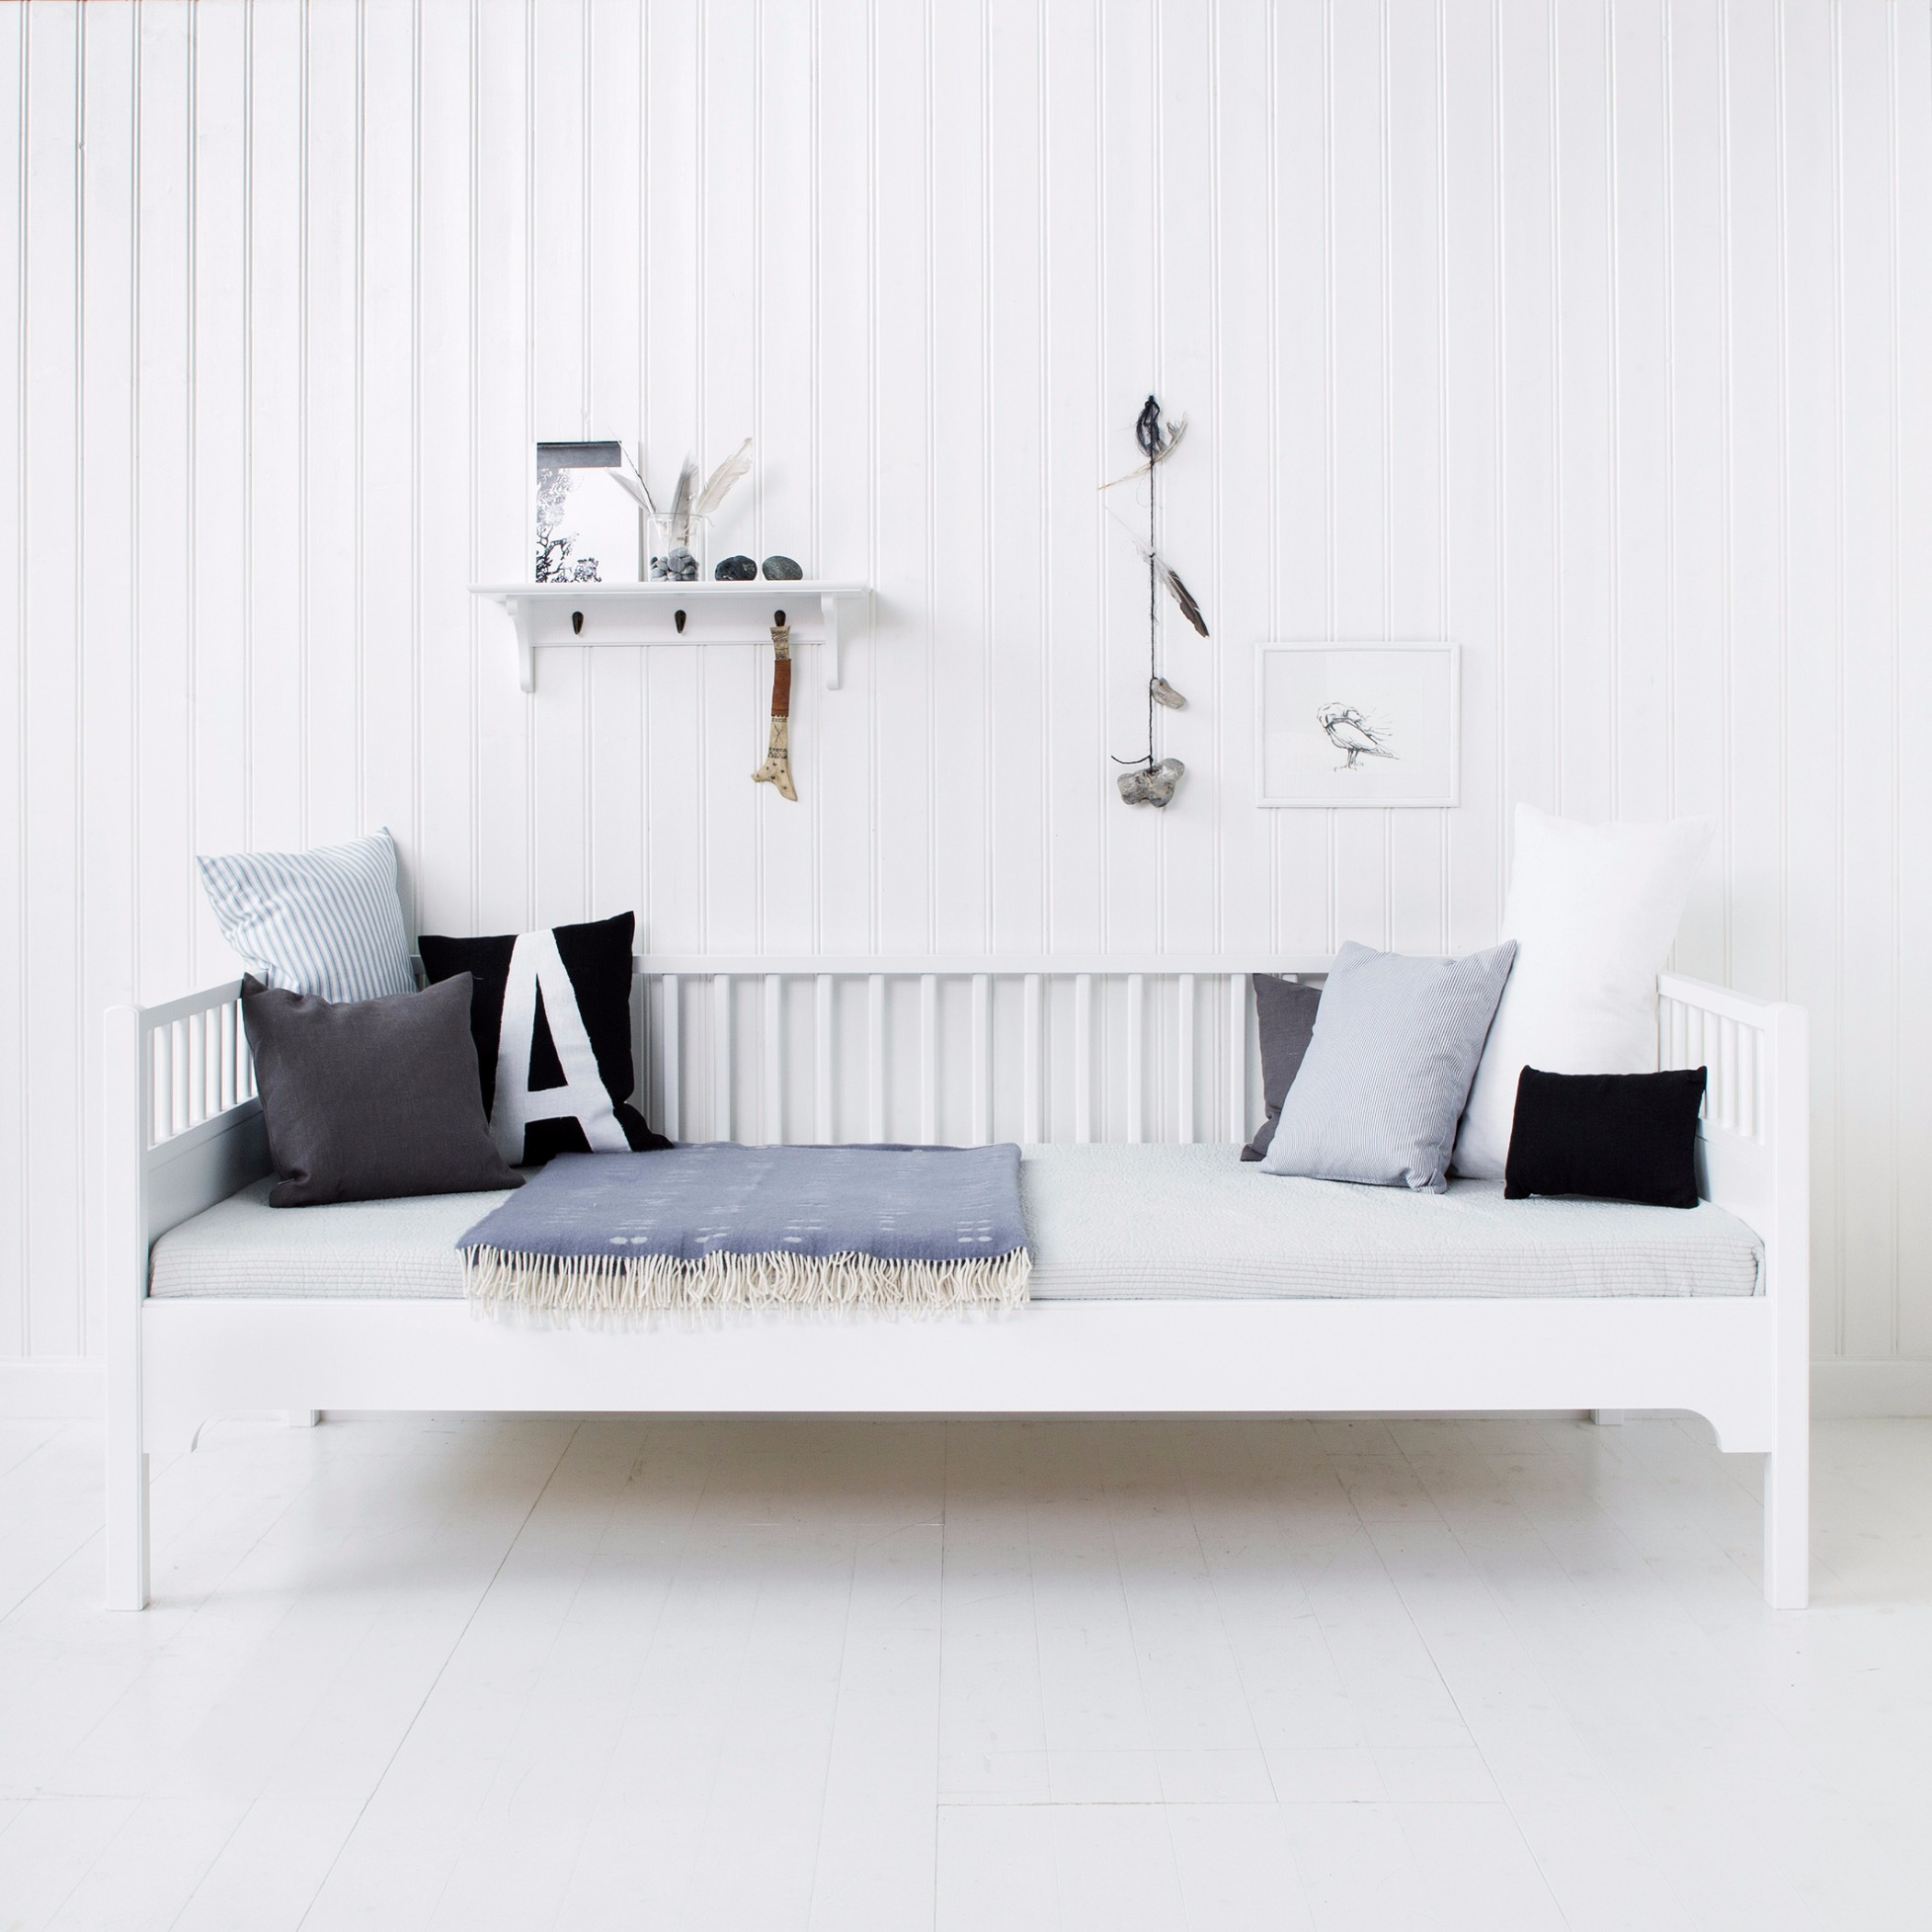 sofabett tagesbett von oliver furniture. Black Bedroom Furniture Sets. Home Design Ideas